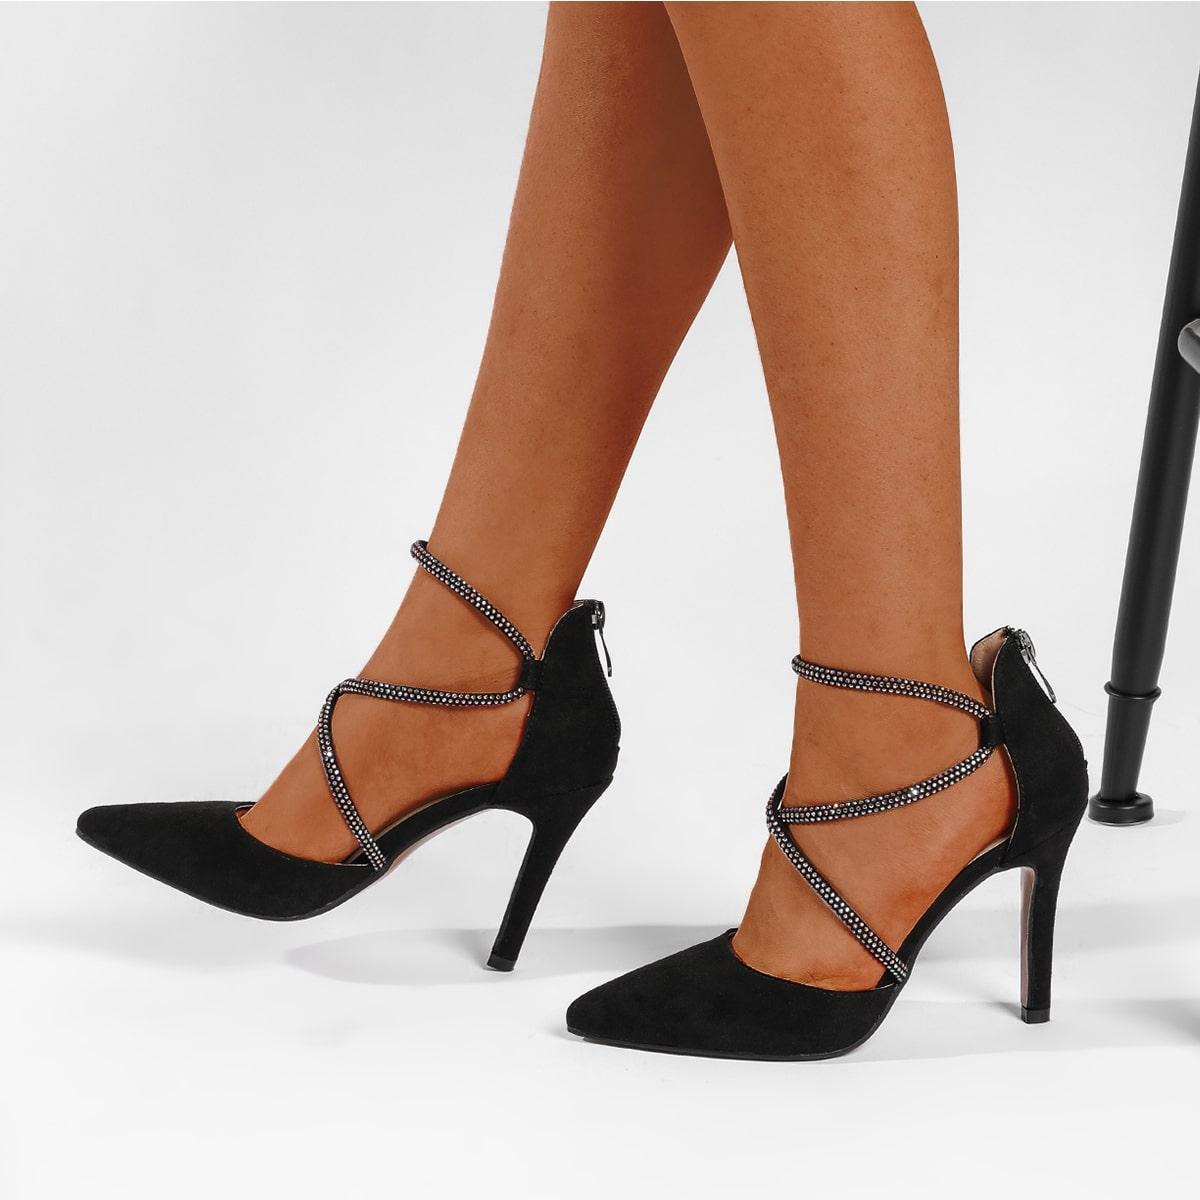 Замшевые туфли на высоком каблуке со стразами от SHEIN